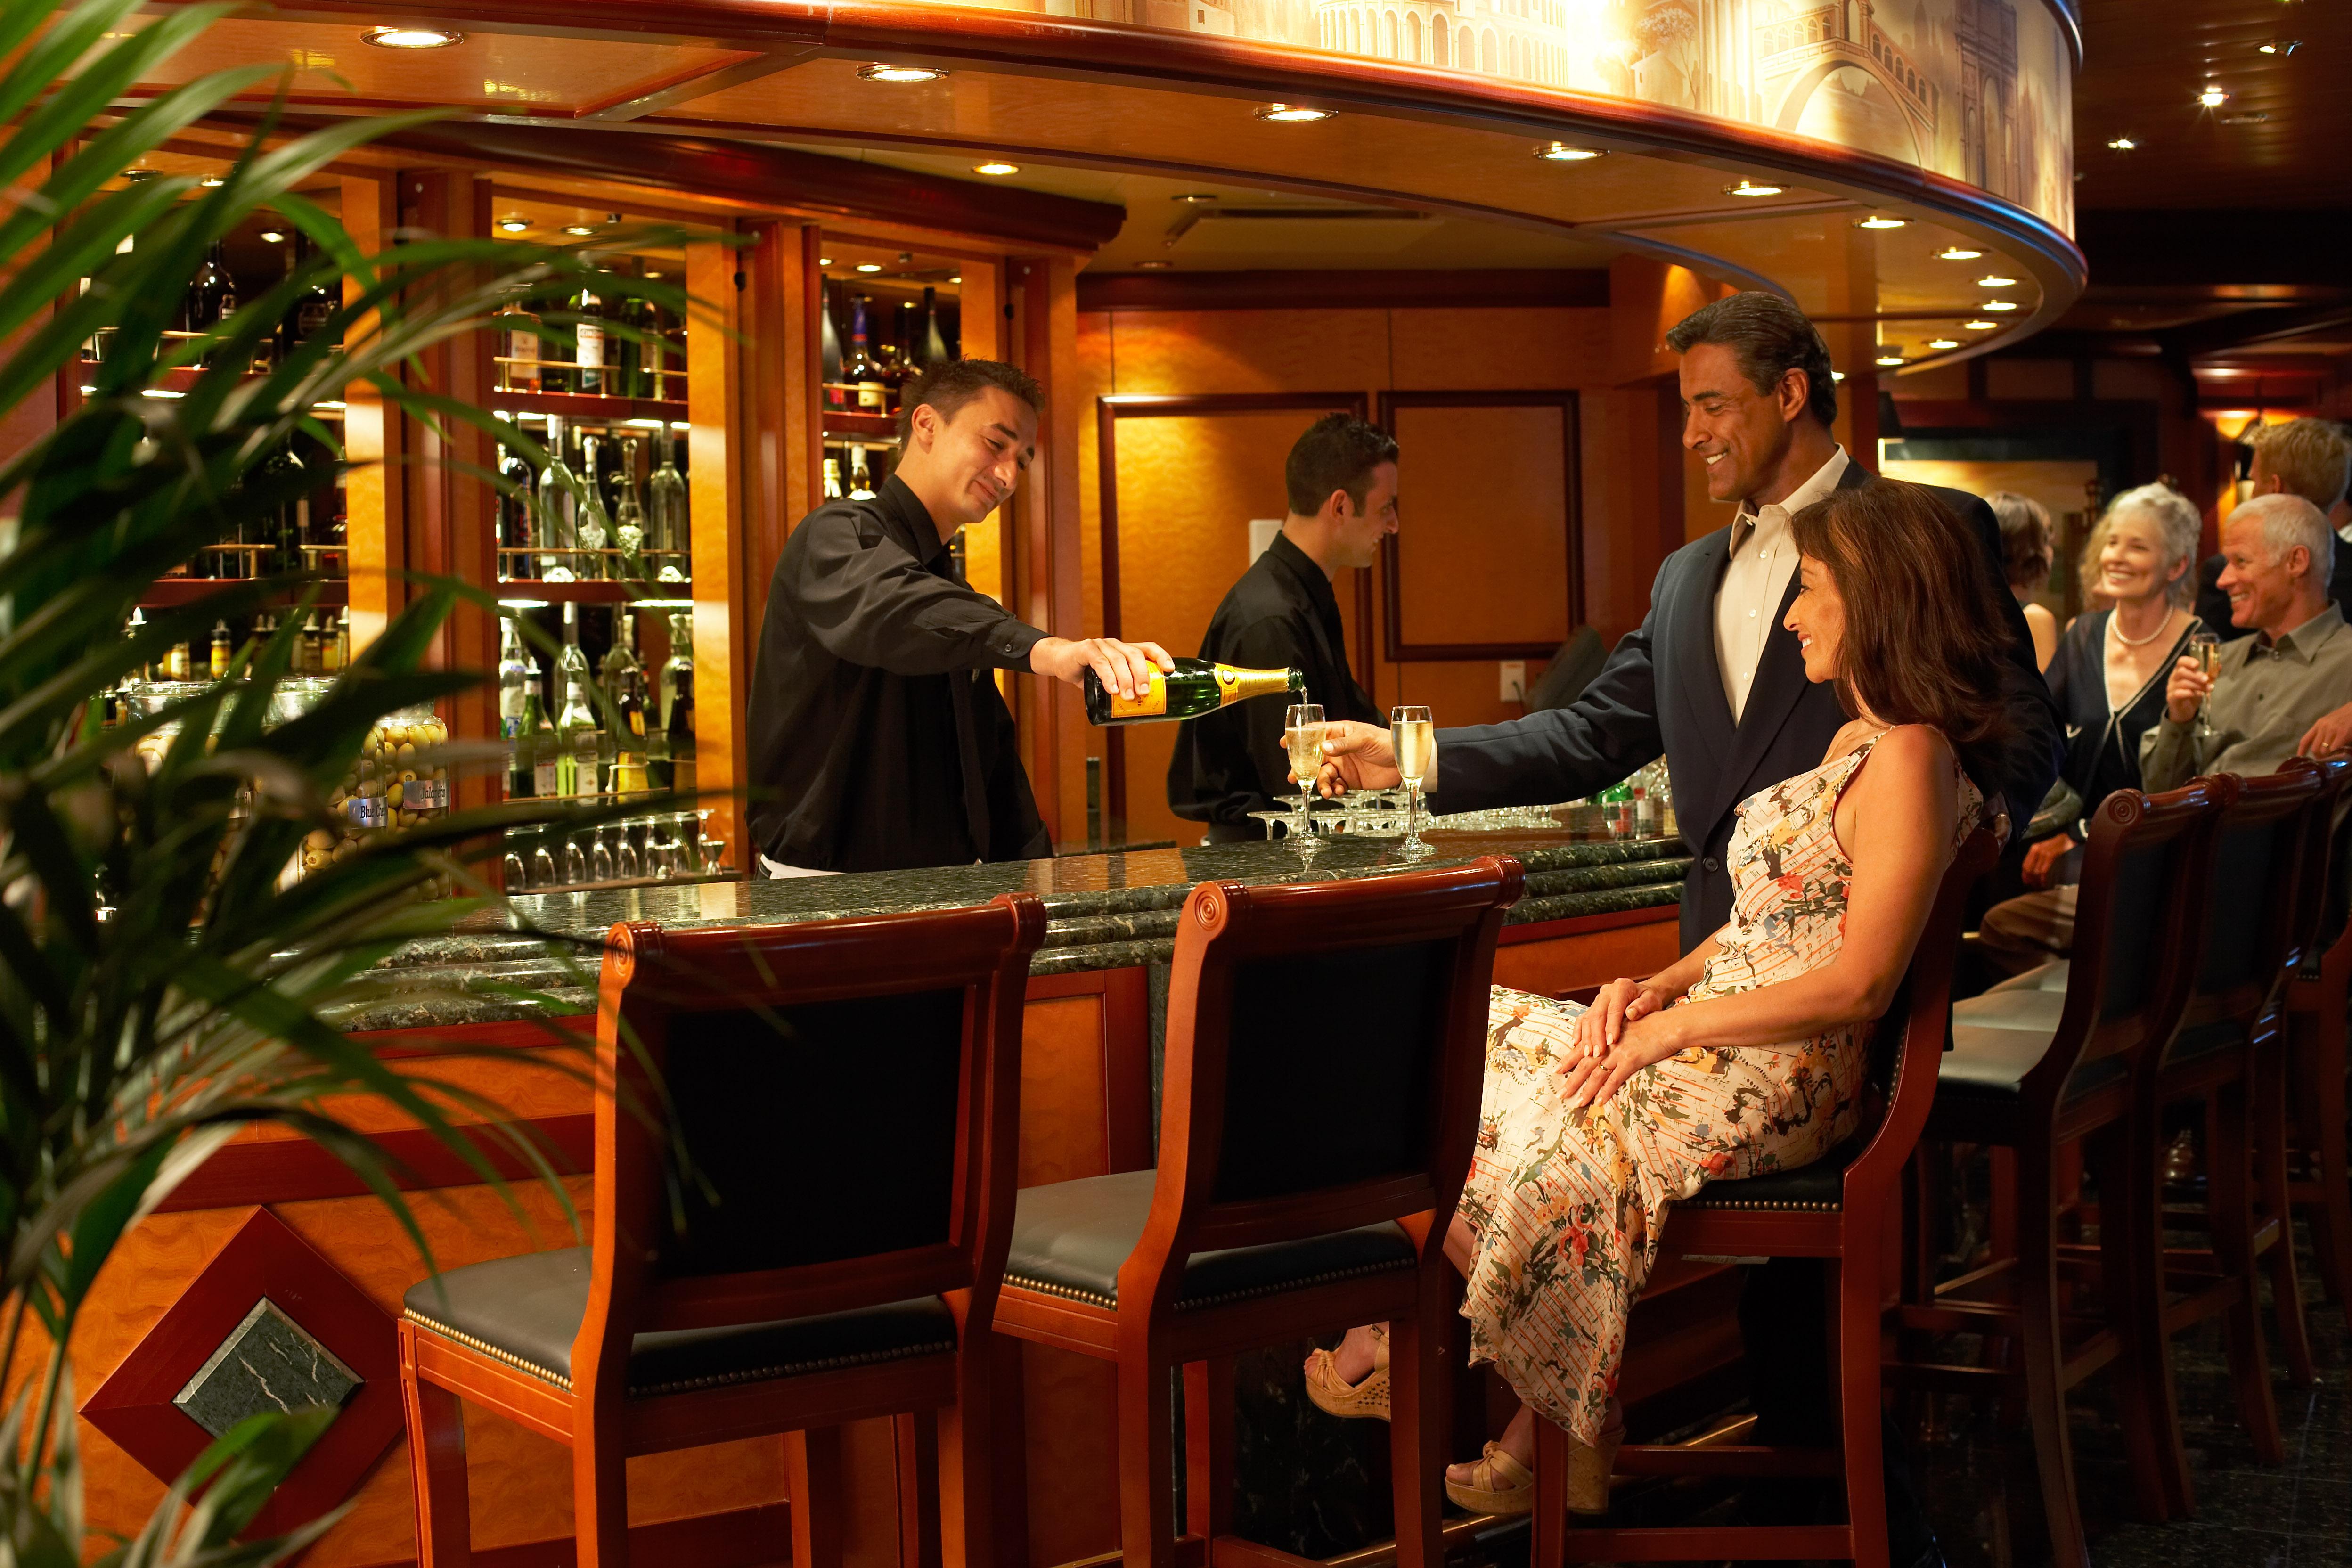 Princess Cruises Grand Class Ruby Princess Adagio lounge.jpg